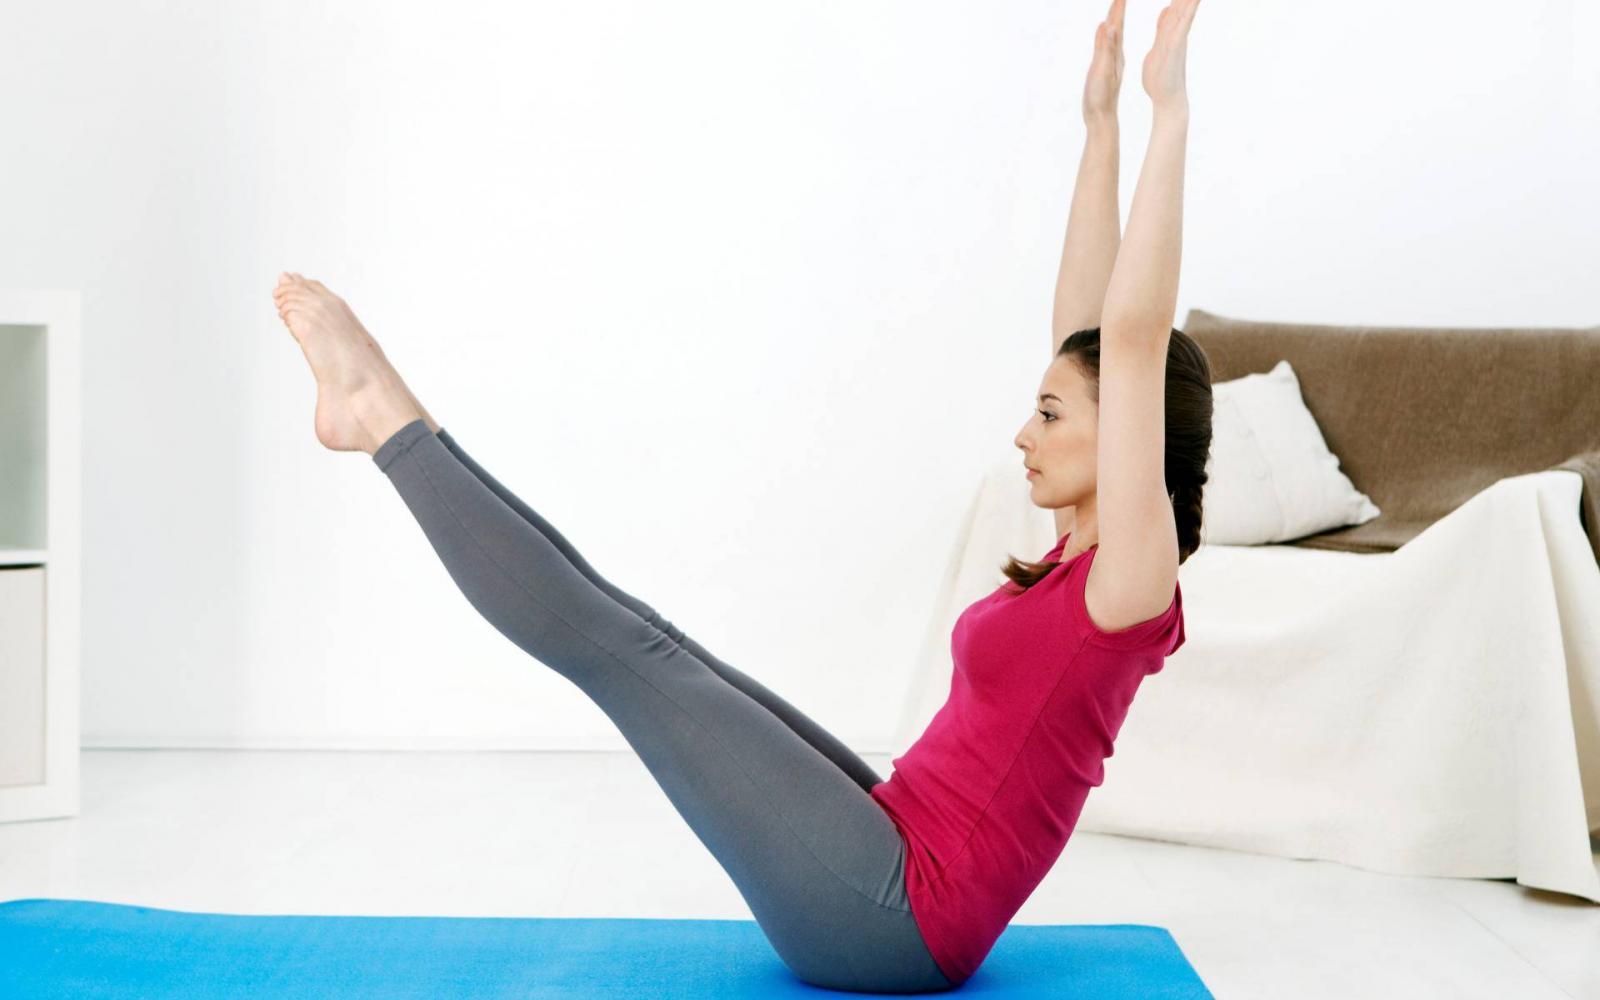 milyen gyakorlatok végezhetők magas vérnyomás esetén)